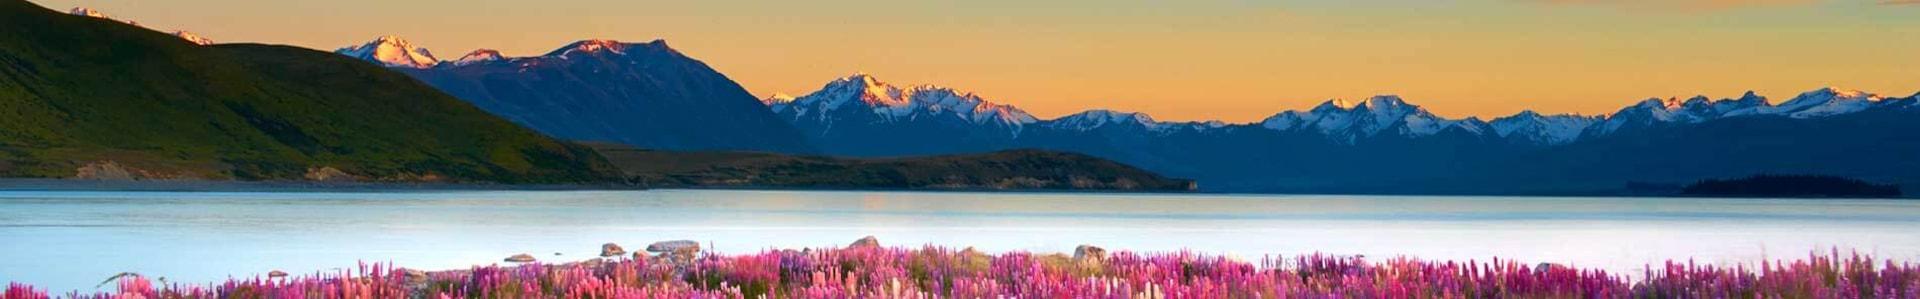 Voyage en Nouvelle-Zélande - TUI